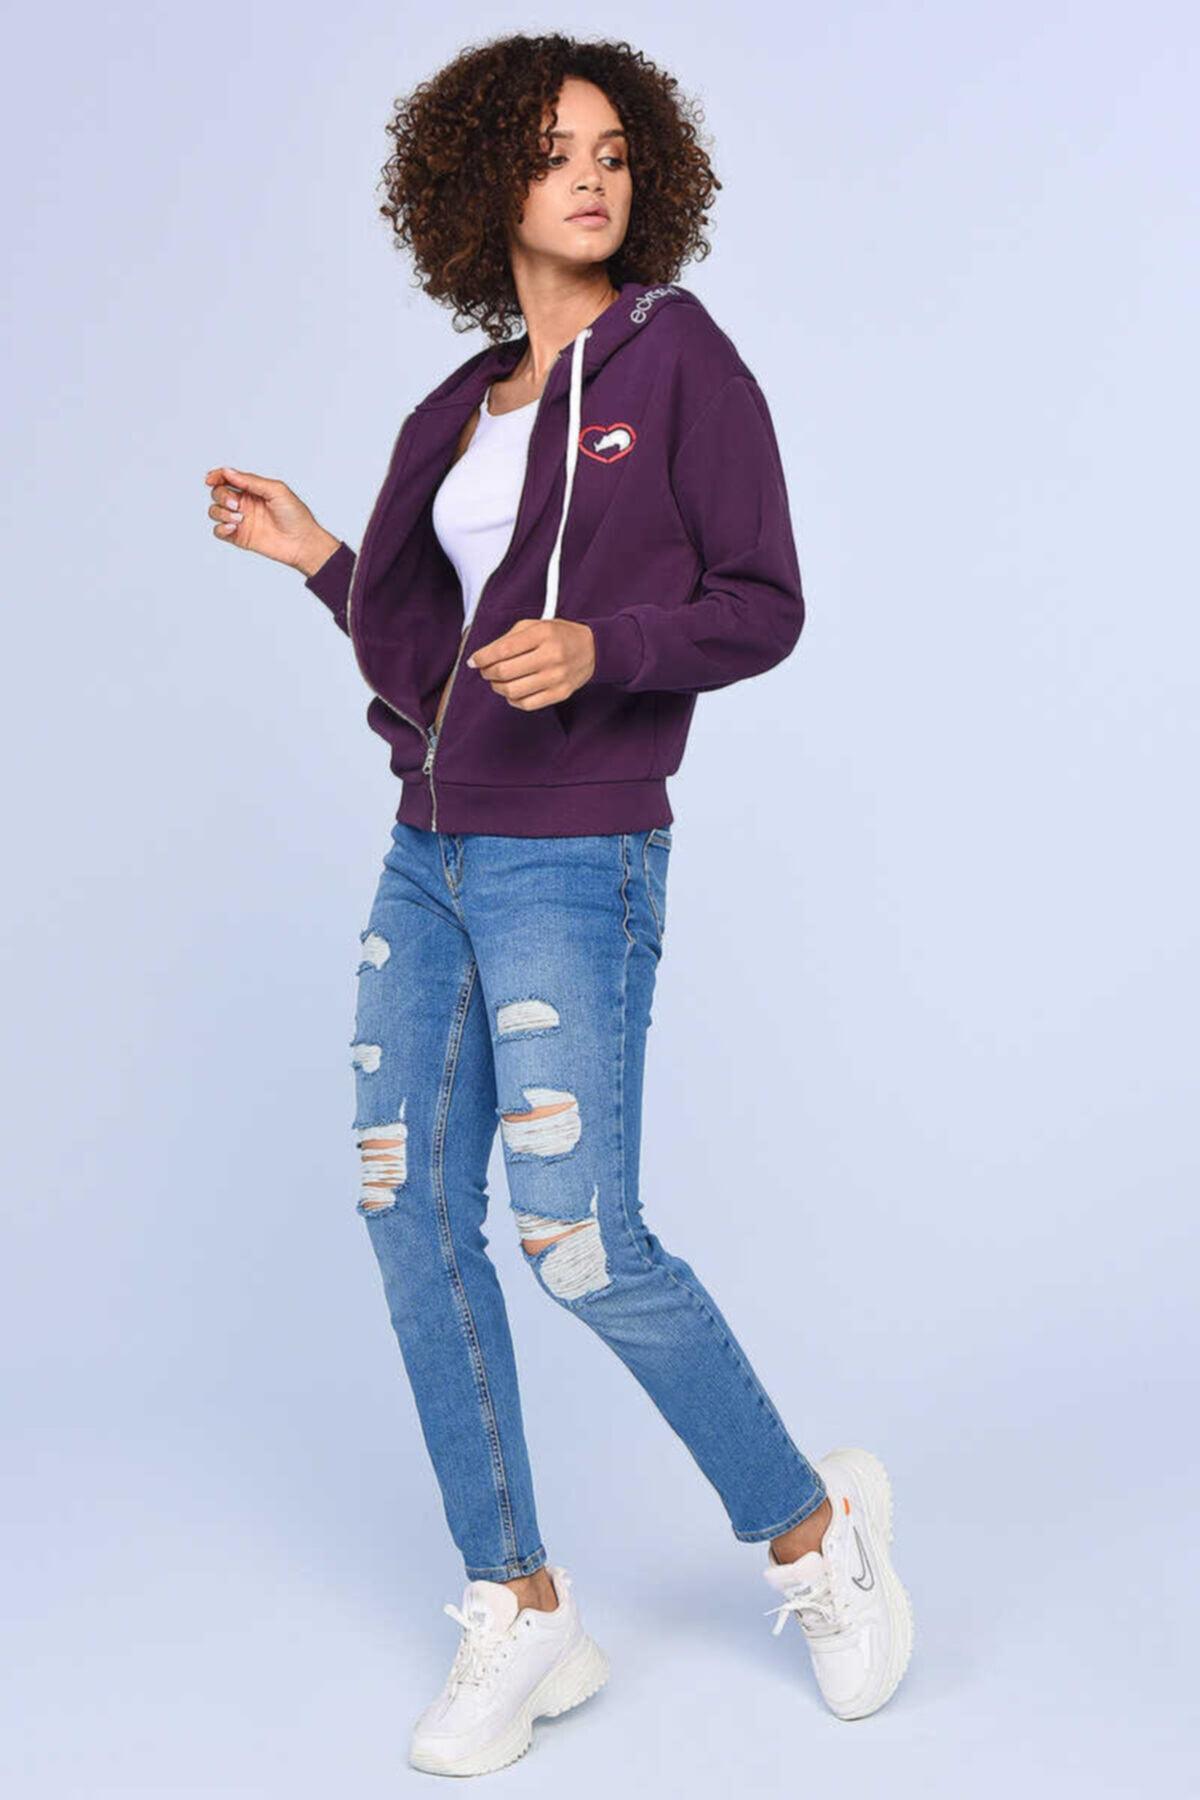 ECKO UNLTD ECKO RED HEIDI Mor Kadın Nakışlı Fermuarlı Sweatshirt 2